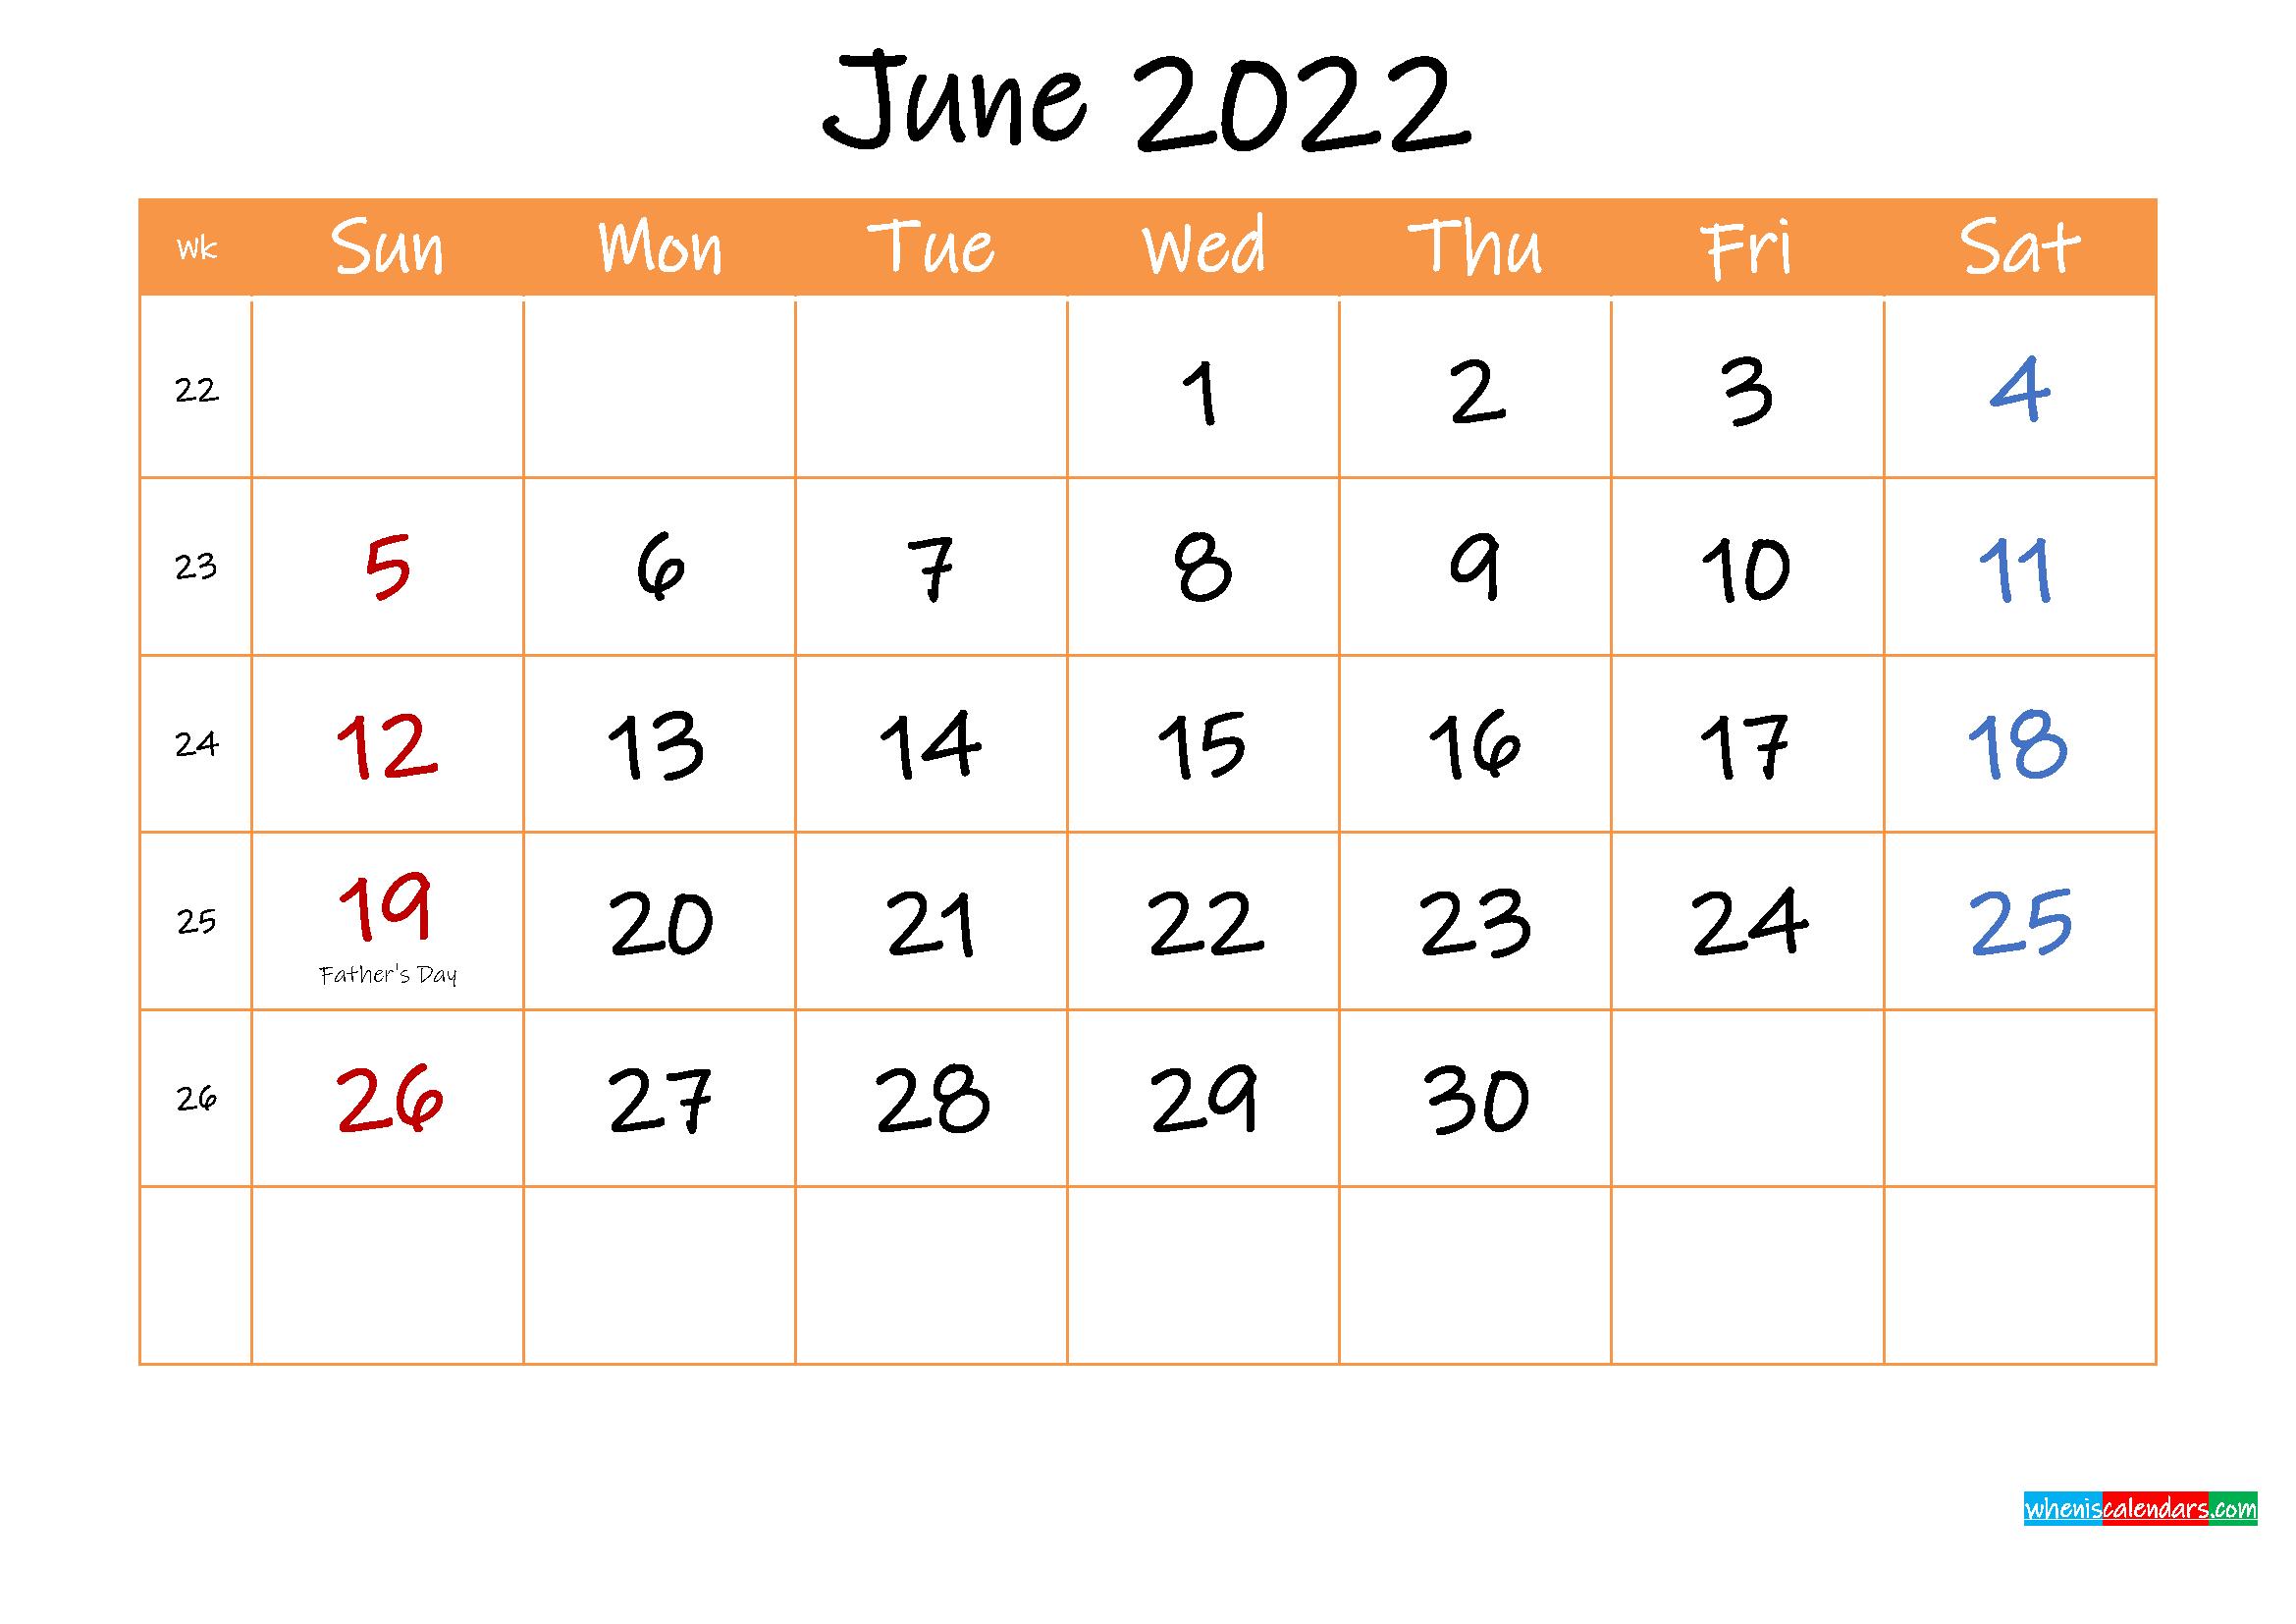 Free Printable Calendar June 2022